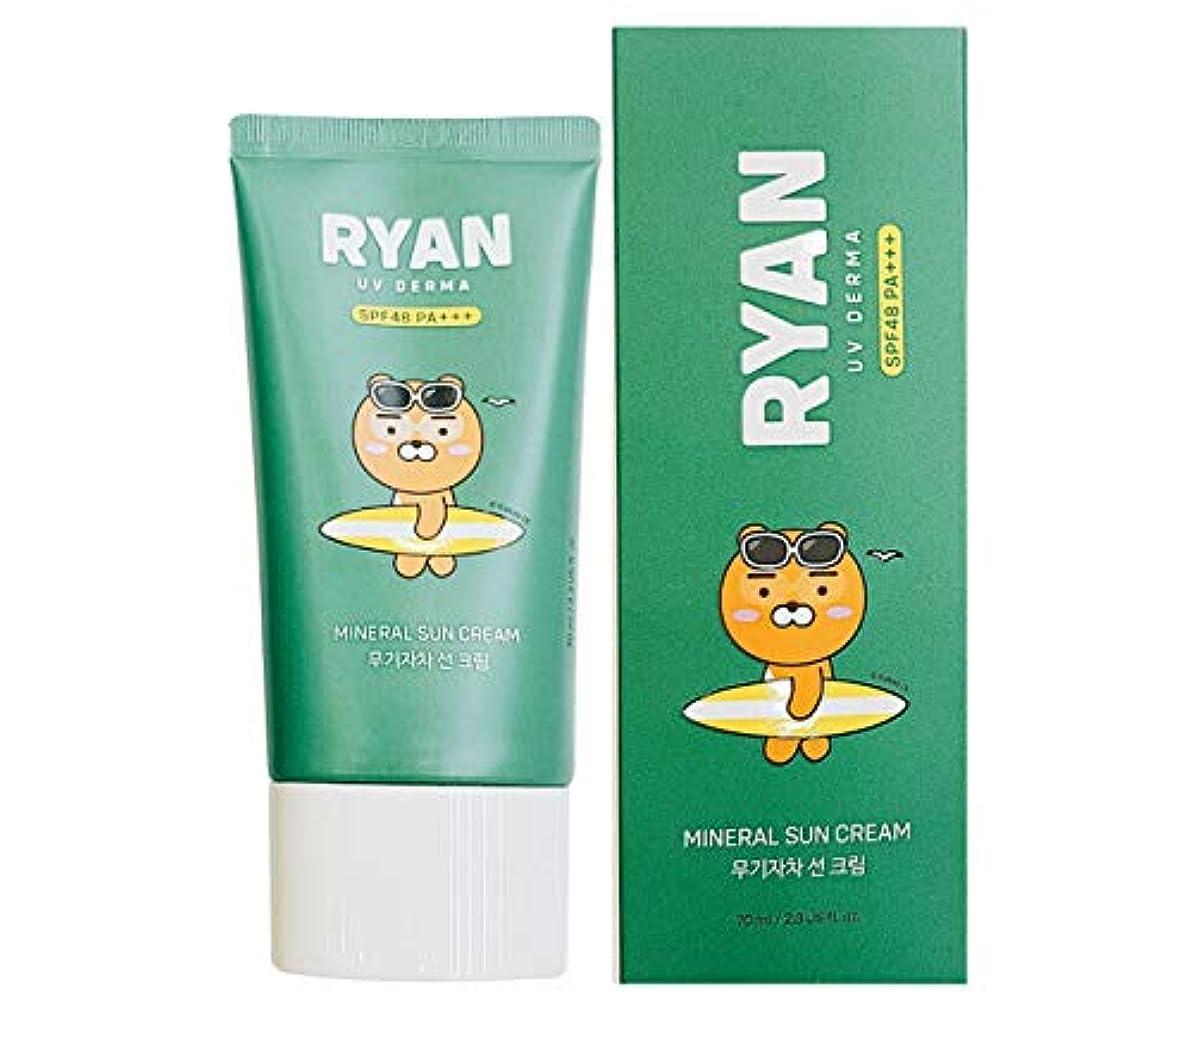 スリンク適度にモード[ザ?フェイスショップ] THE FACE SHOP [カカオフレンズ ライオン UVデルマ ミネラル サンクリーム 70ml] (Kakao Friends RYAN UV Derma Mineral Sun Cream...